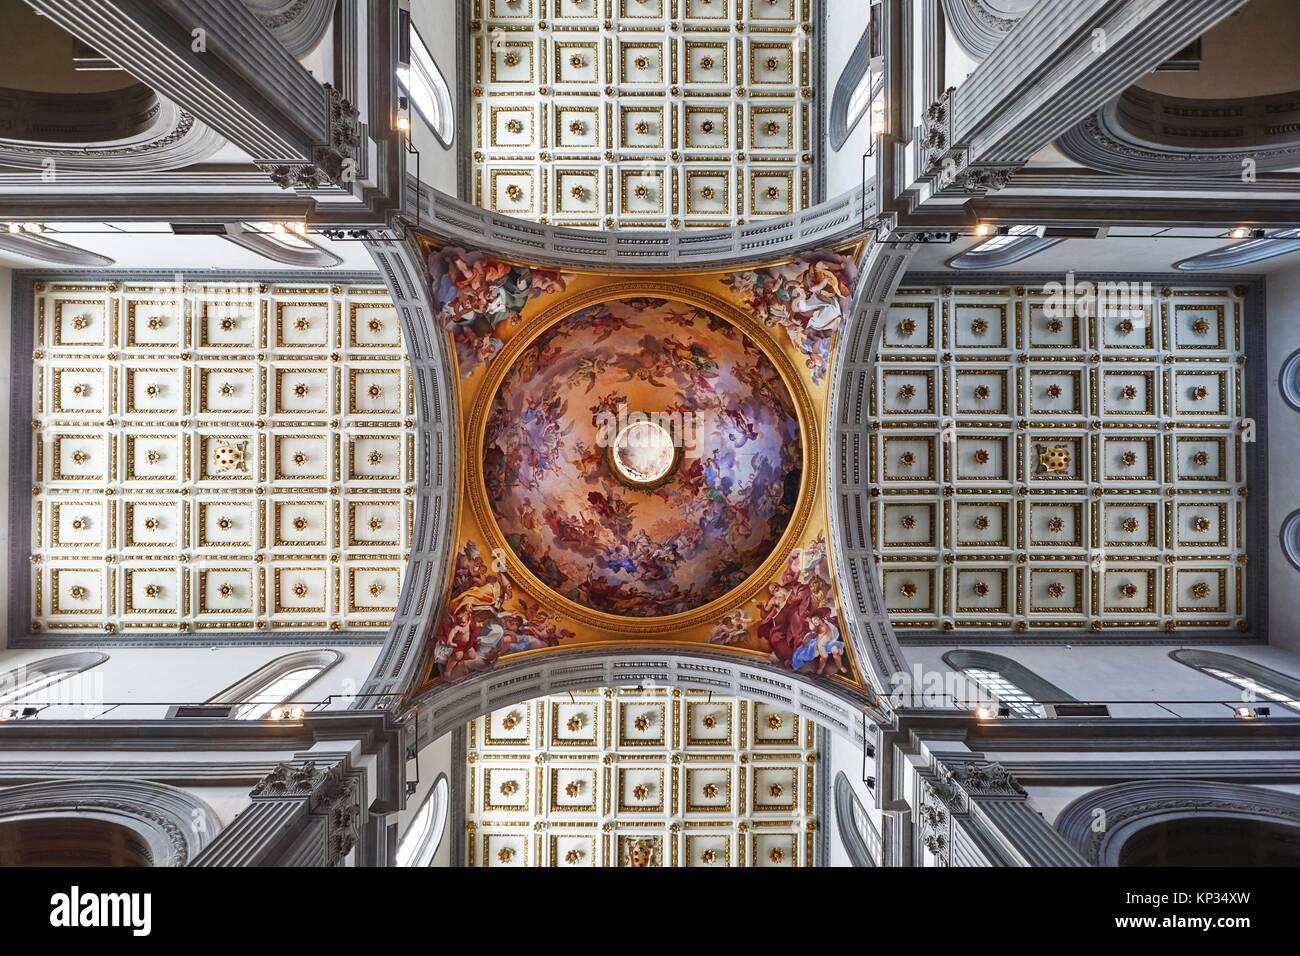 La basilique de San Lorenzo (Basilique de St Lawrence) est l'une des plus grandes églises de Florence, Photo Stock